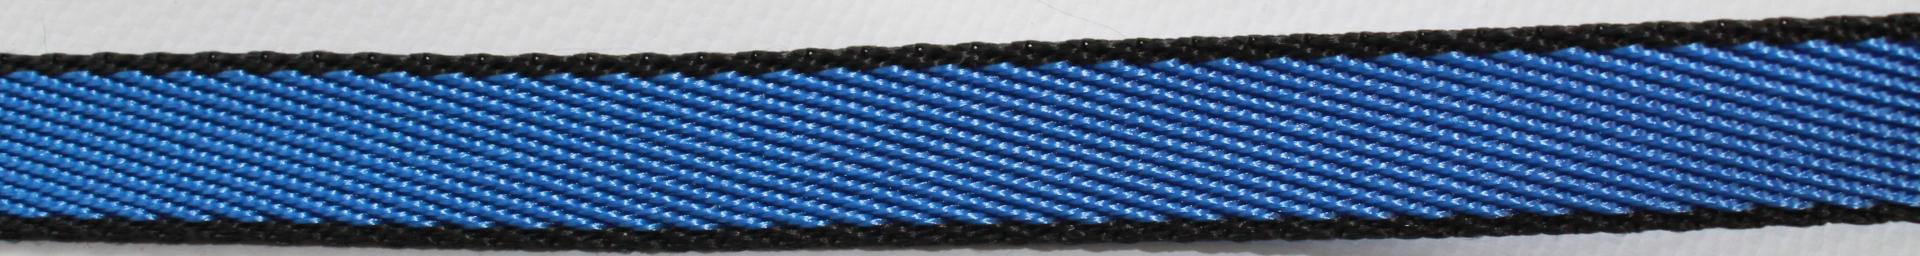 Поводок для собак Happy Friends, цвет: синий, ширина 1 см, длина 2 м поводок для собак happy friends цвет красный ширина 1 см длина 2 м